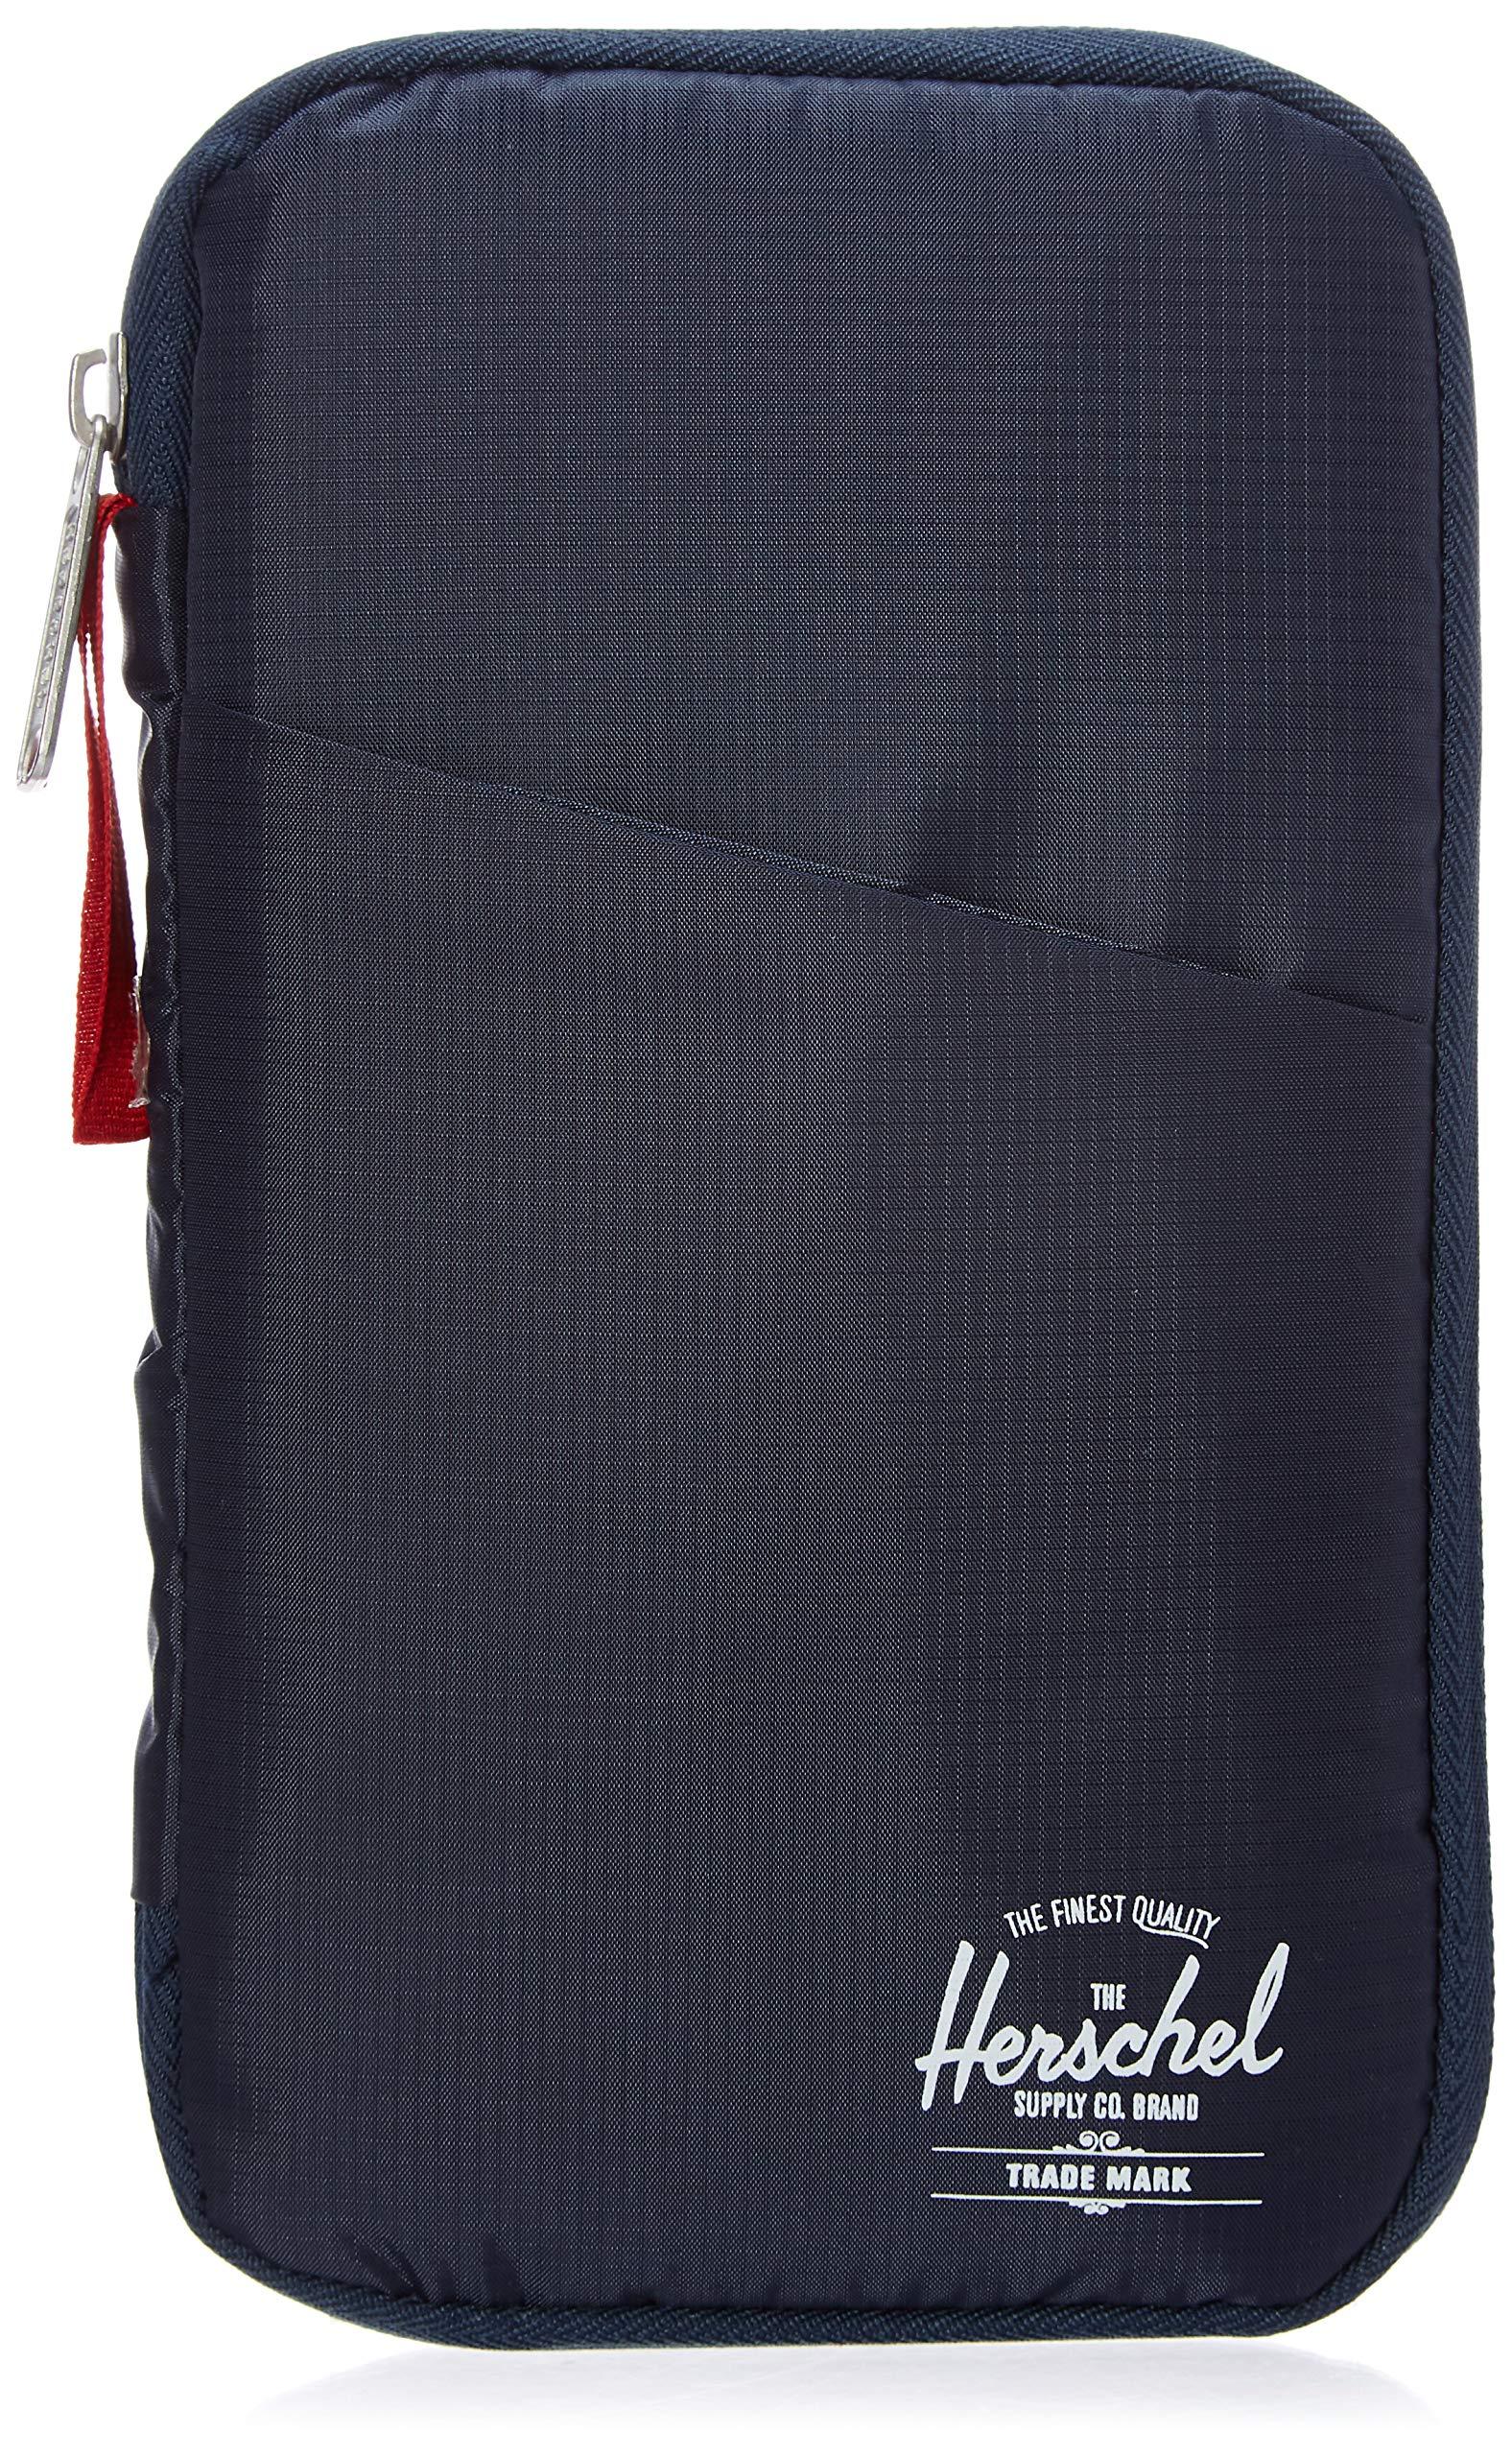 Herschel Travel Wallet, Navy/Red by Herschel